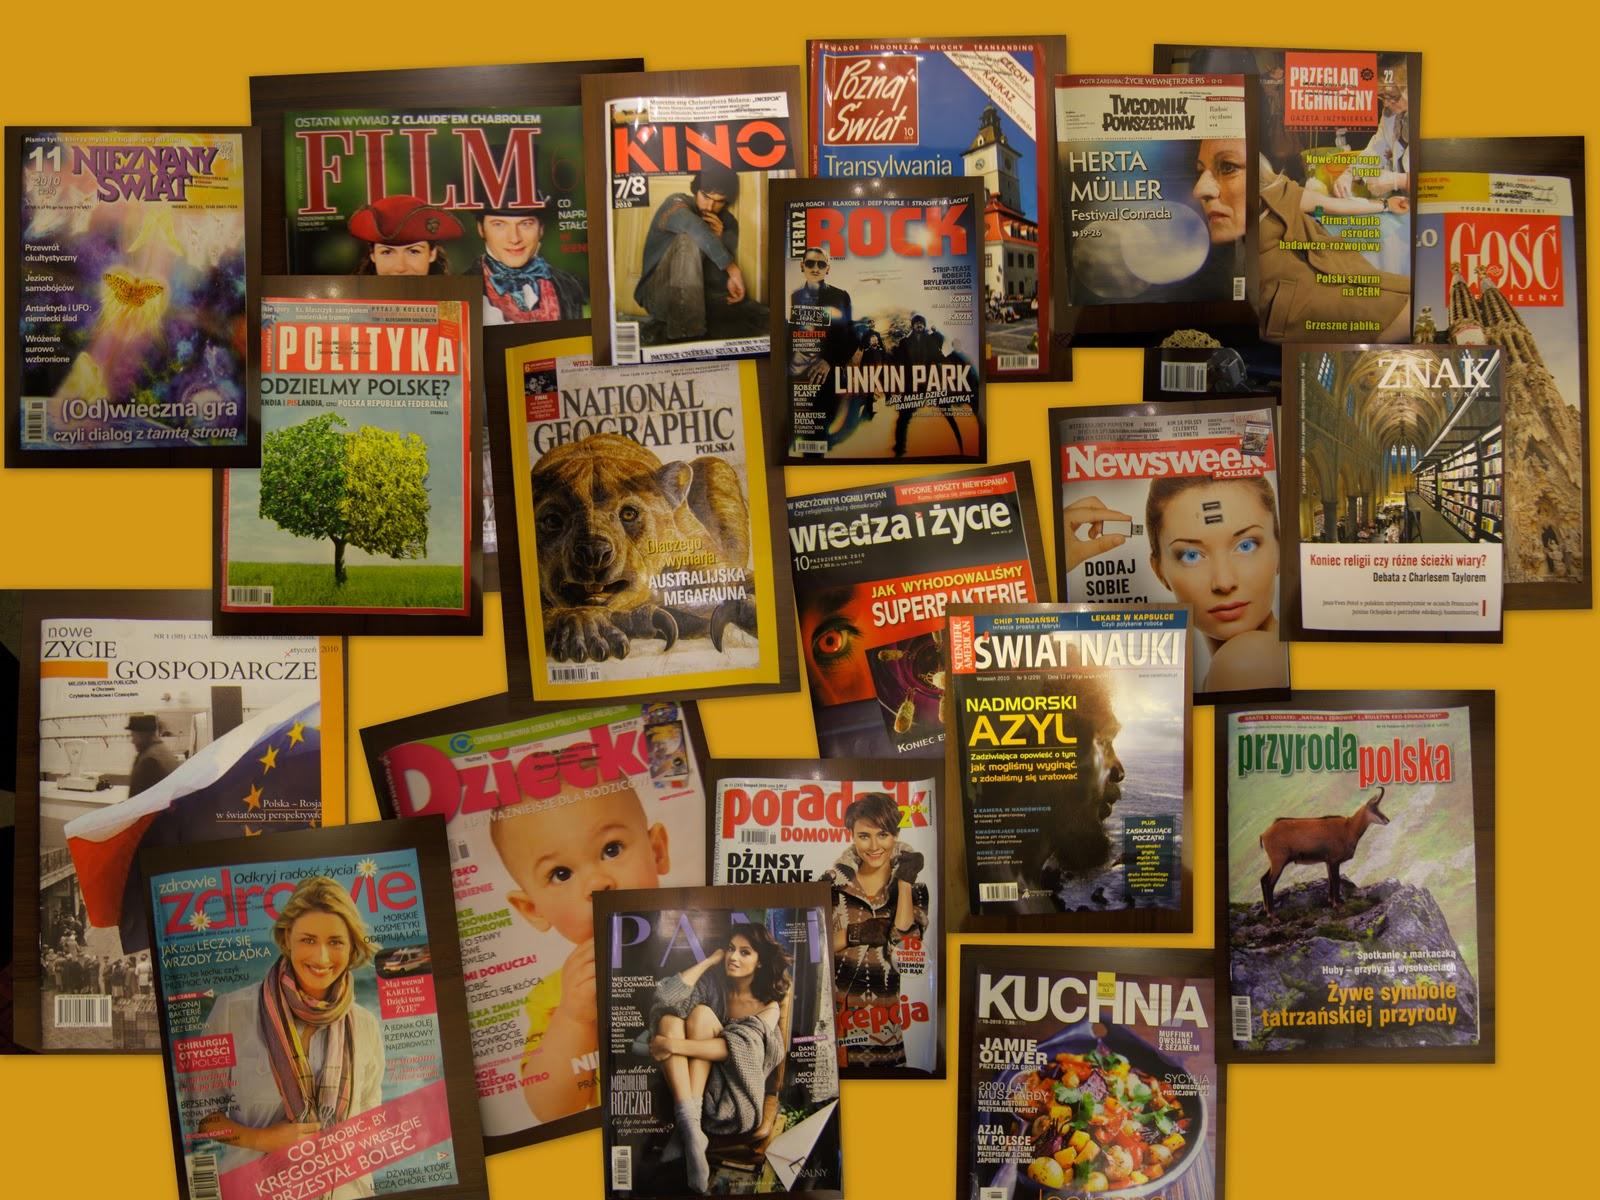 http://3.bp.blogspot.com/_9BLylzN5iYE/TOZkR29CXBI/AAAAAAAAAFI/leHb0X5dFUk/s1600/czasopisma+r%C3%B3%C5%BCne.jpg